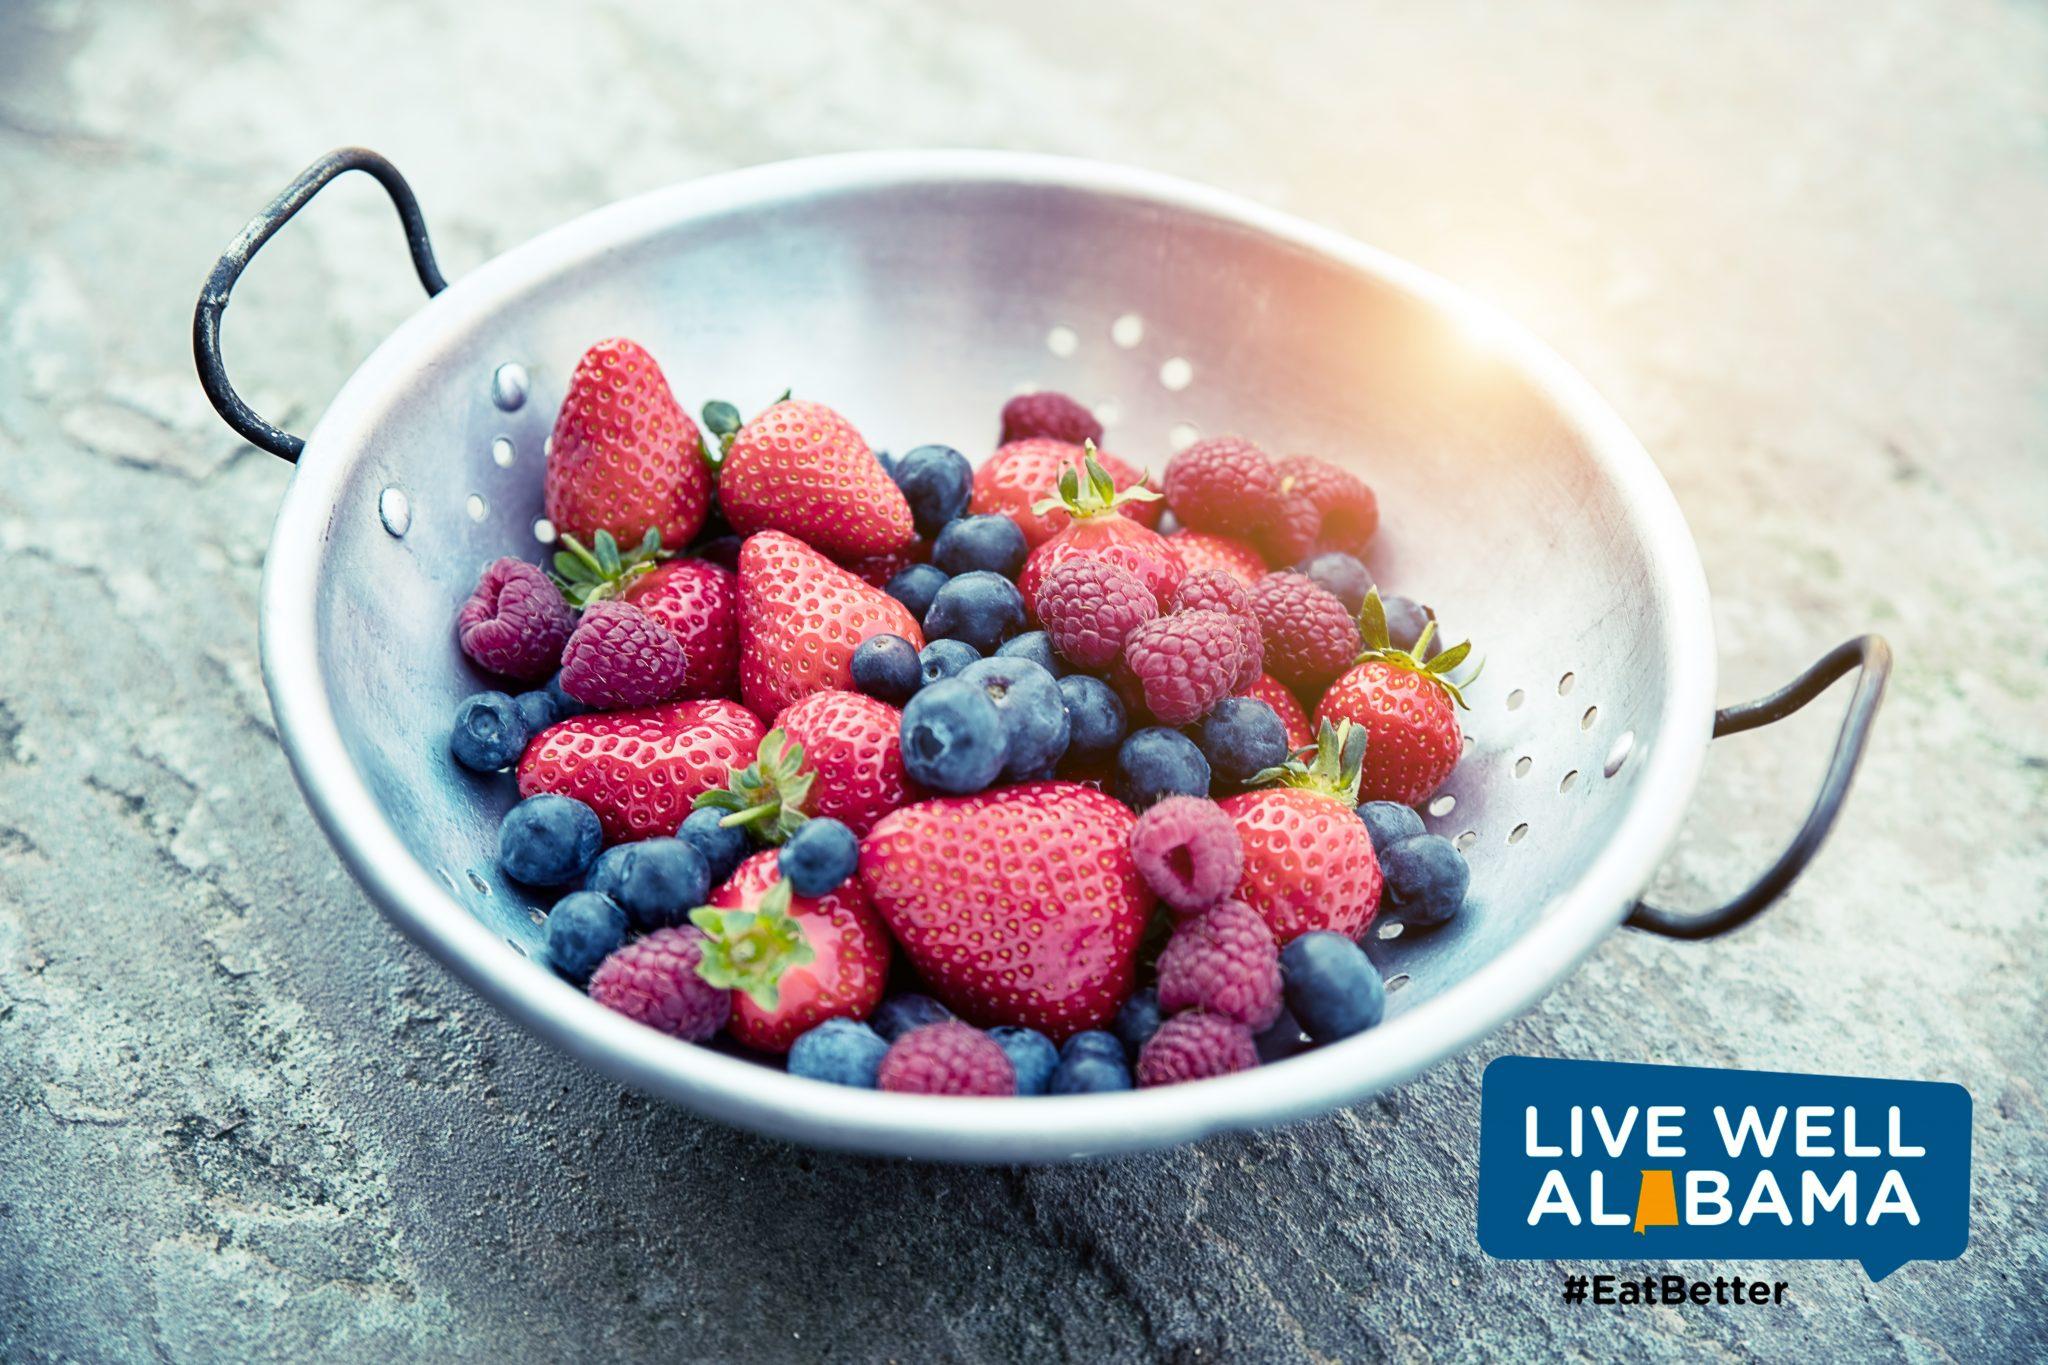 Strawberries, blueberries and raspberries in colander